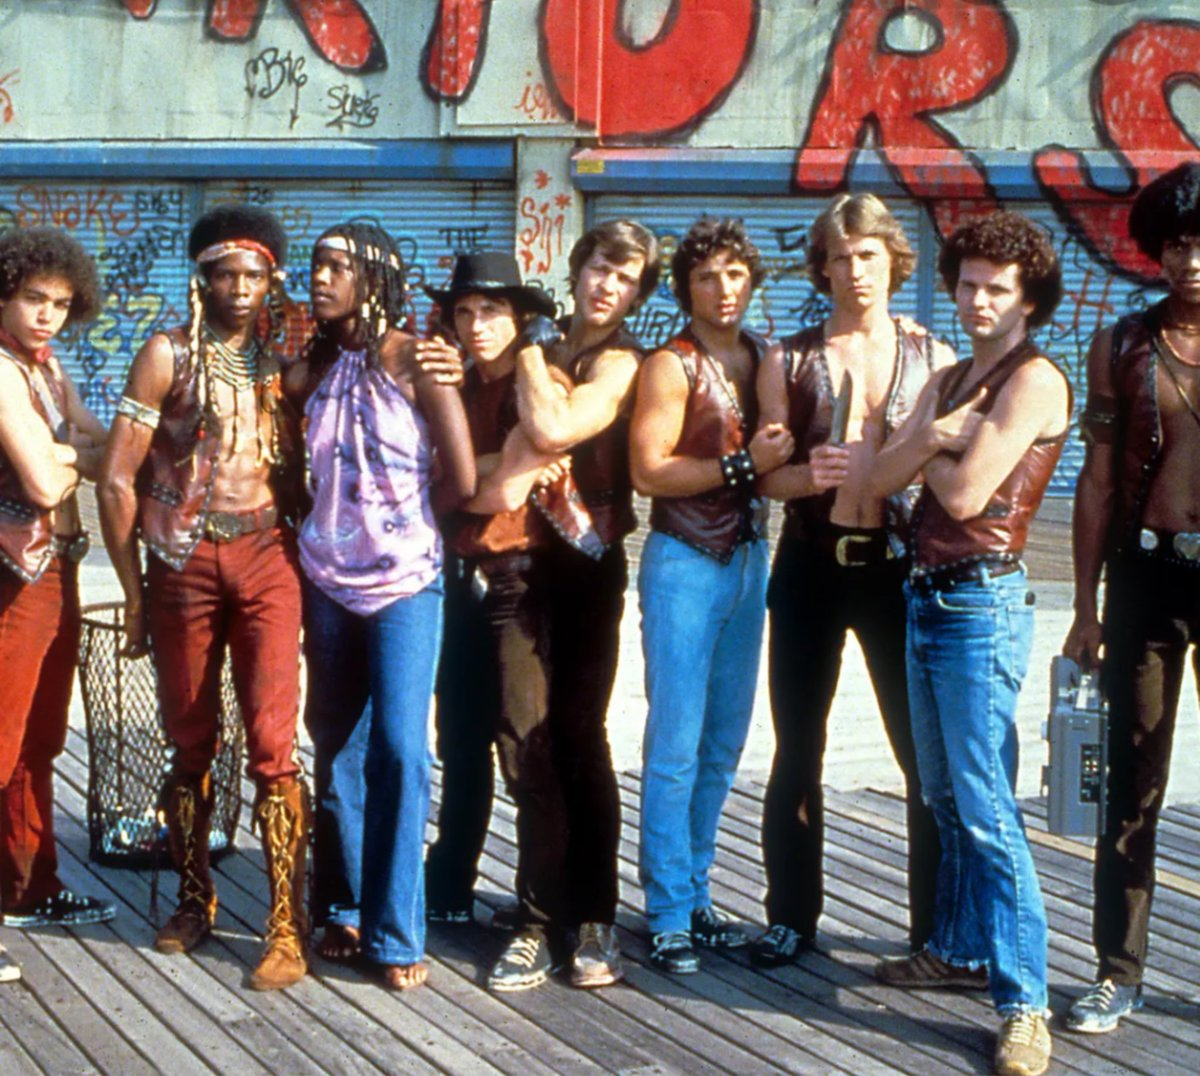 Je ne me lasse pas de revoir ce chef d'œuvre 😎😎😉 The #Warriors , quel film 🙏🙏!!! #movie #thewarriors #newyork https://t.co/E6UJZMe4mL